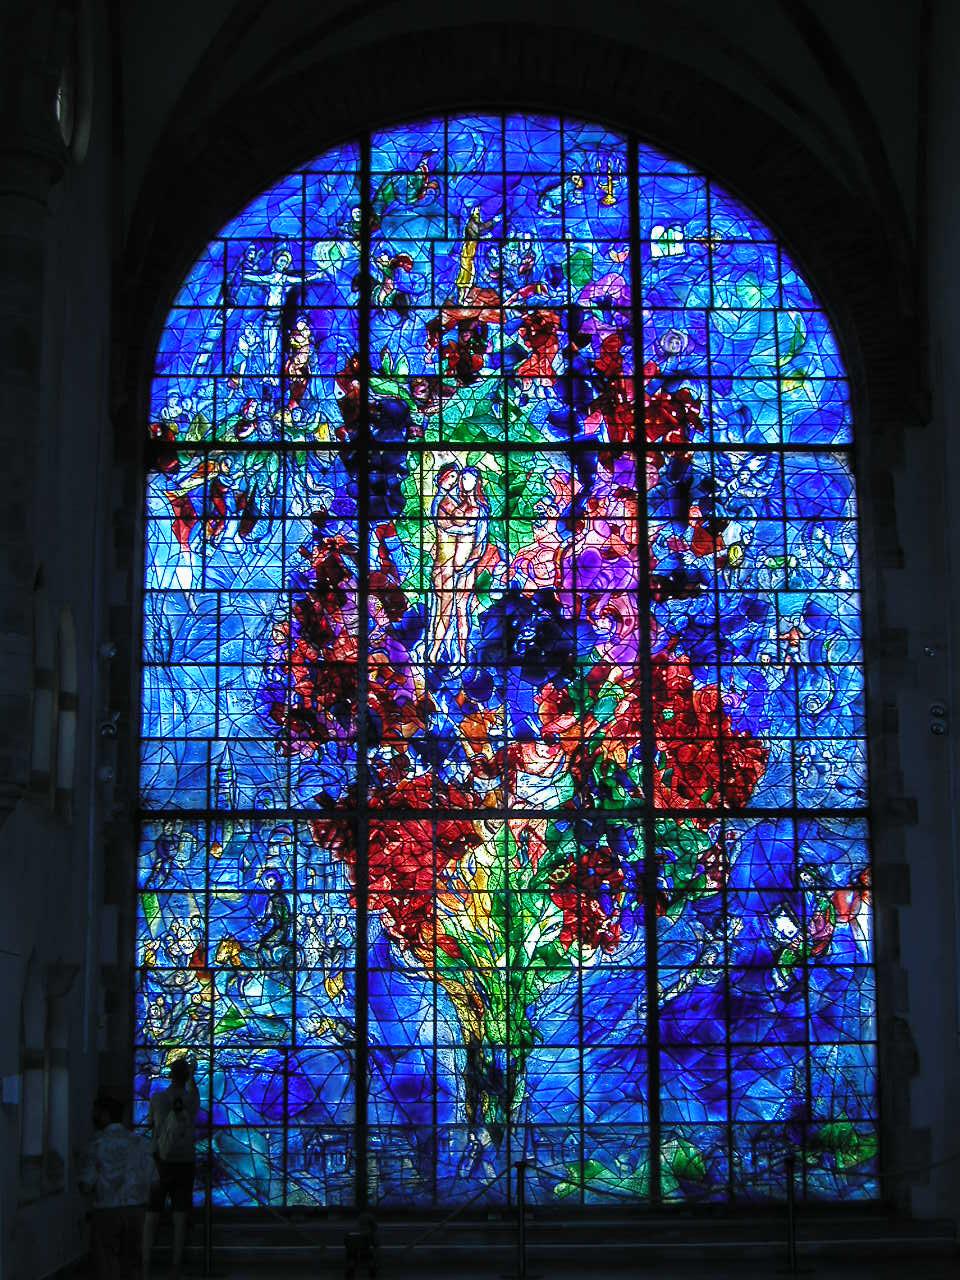 Les nouveaux vitraux de la cathédrale de Reims 650rr4ma